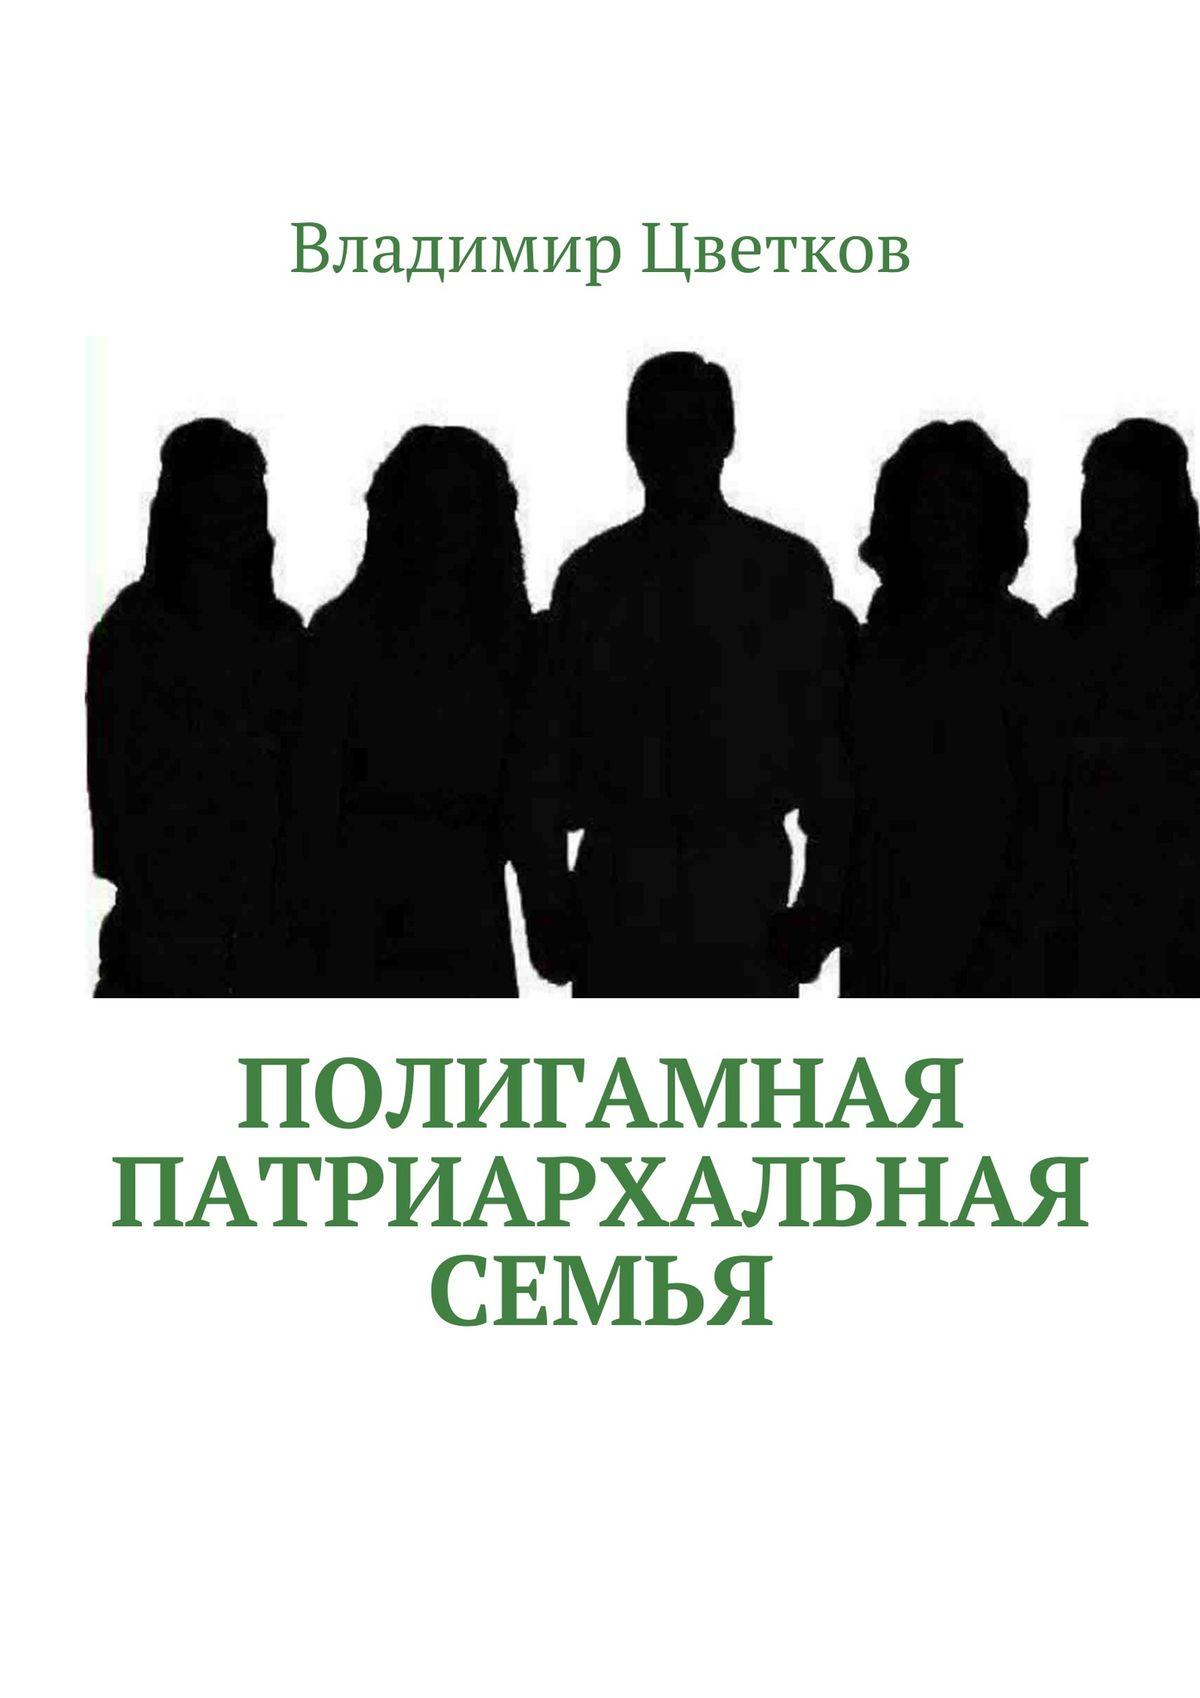 Владимир Цветков Полигамная патриархальная семья